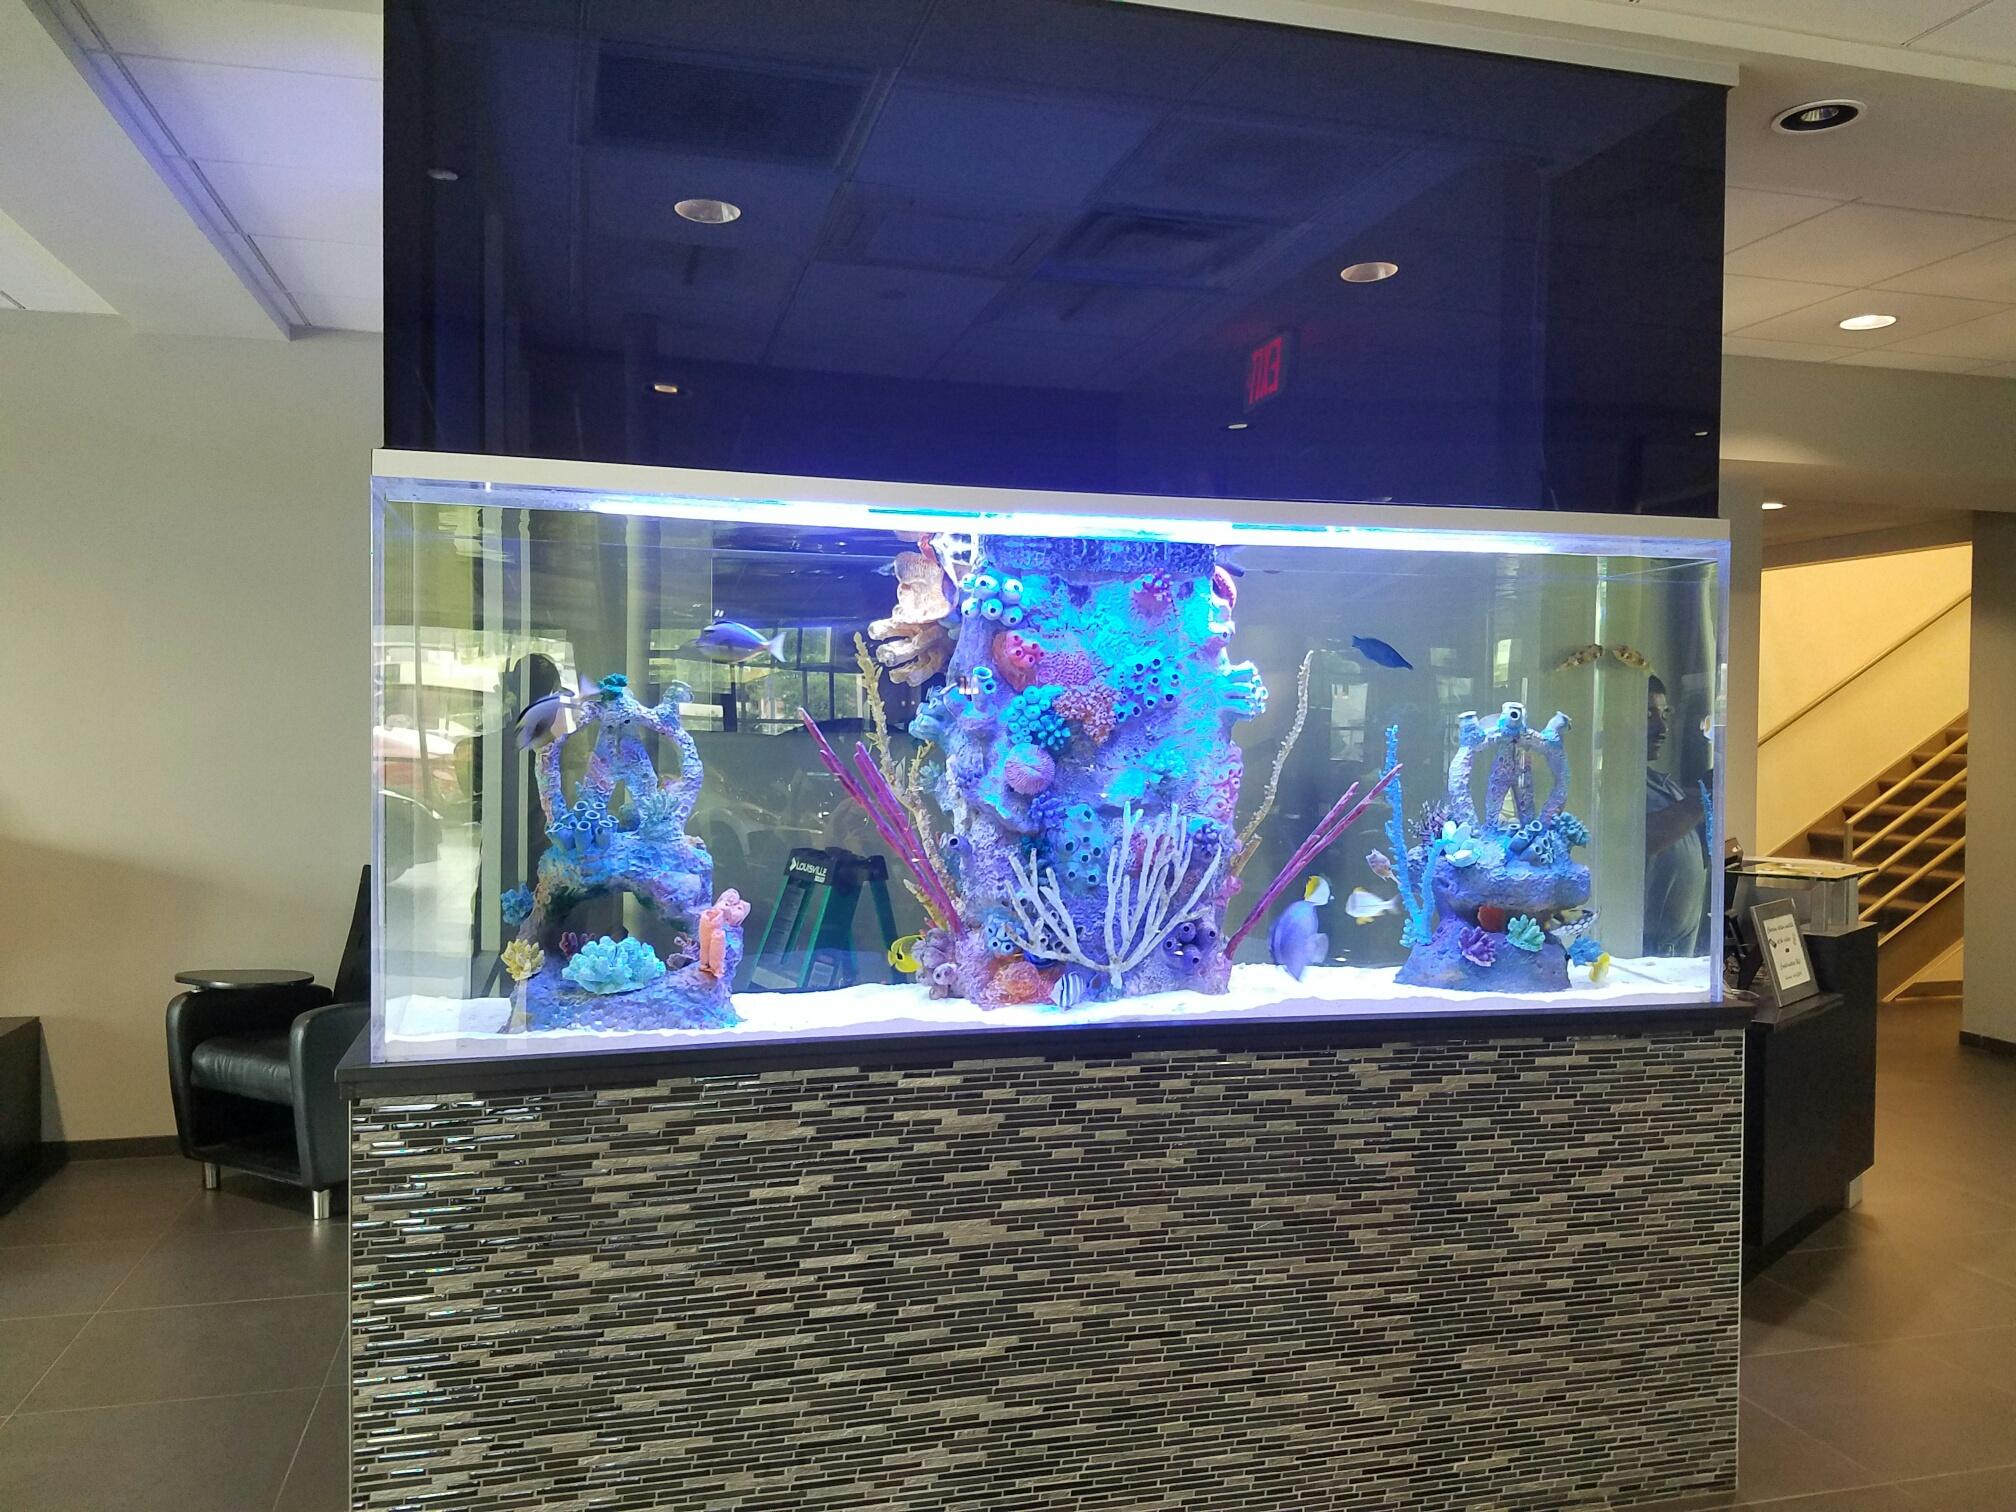 Acura Motors Saltwater Aquarium - Blue Planet Aquarium